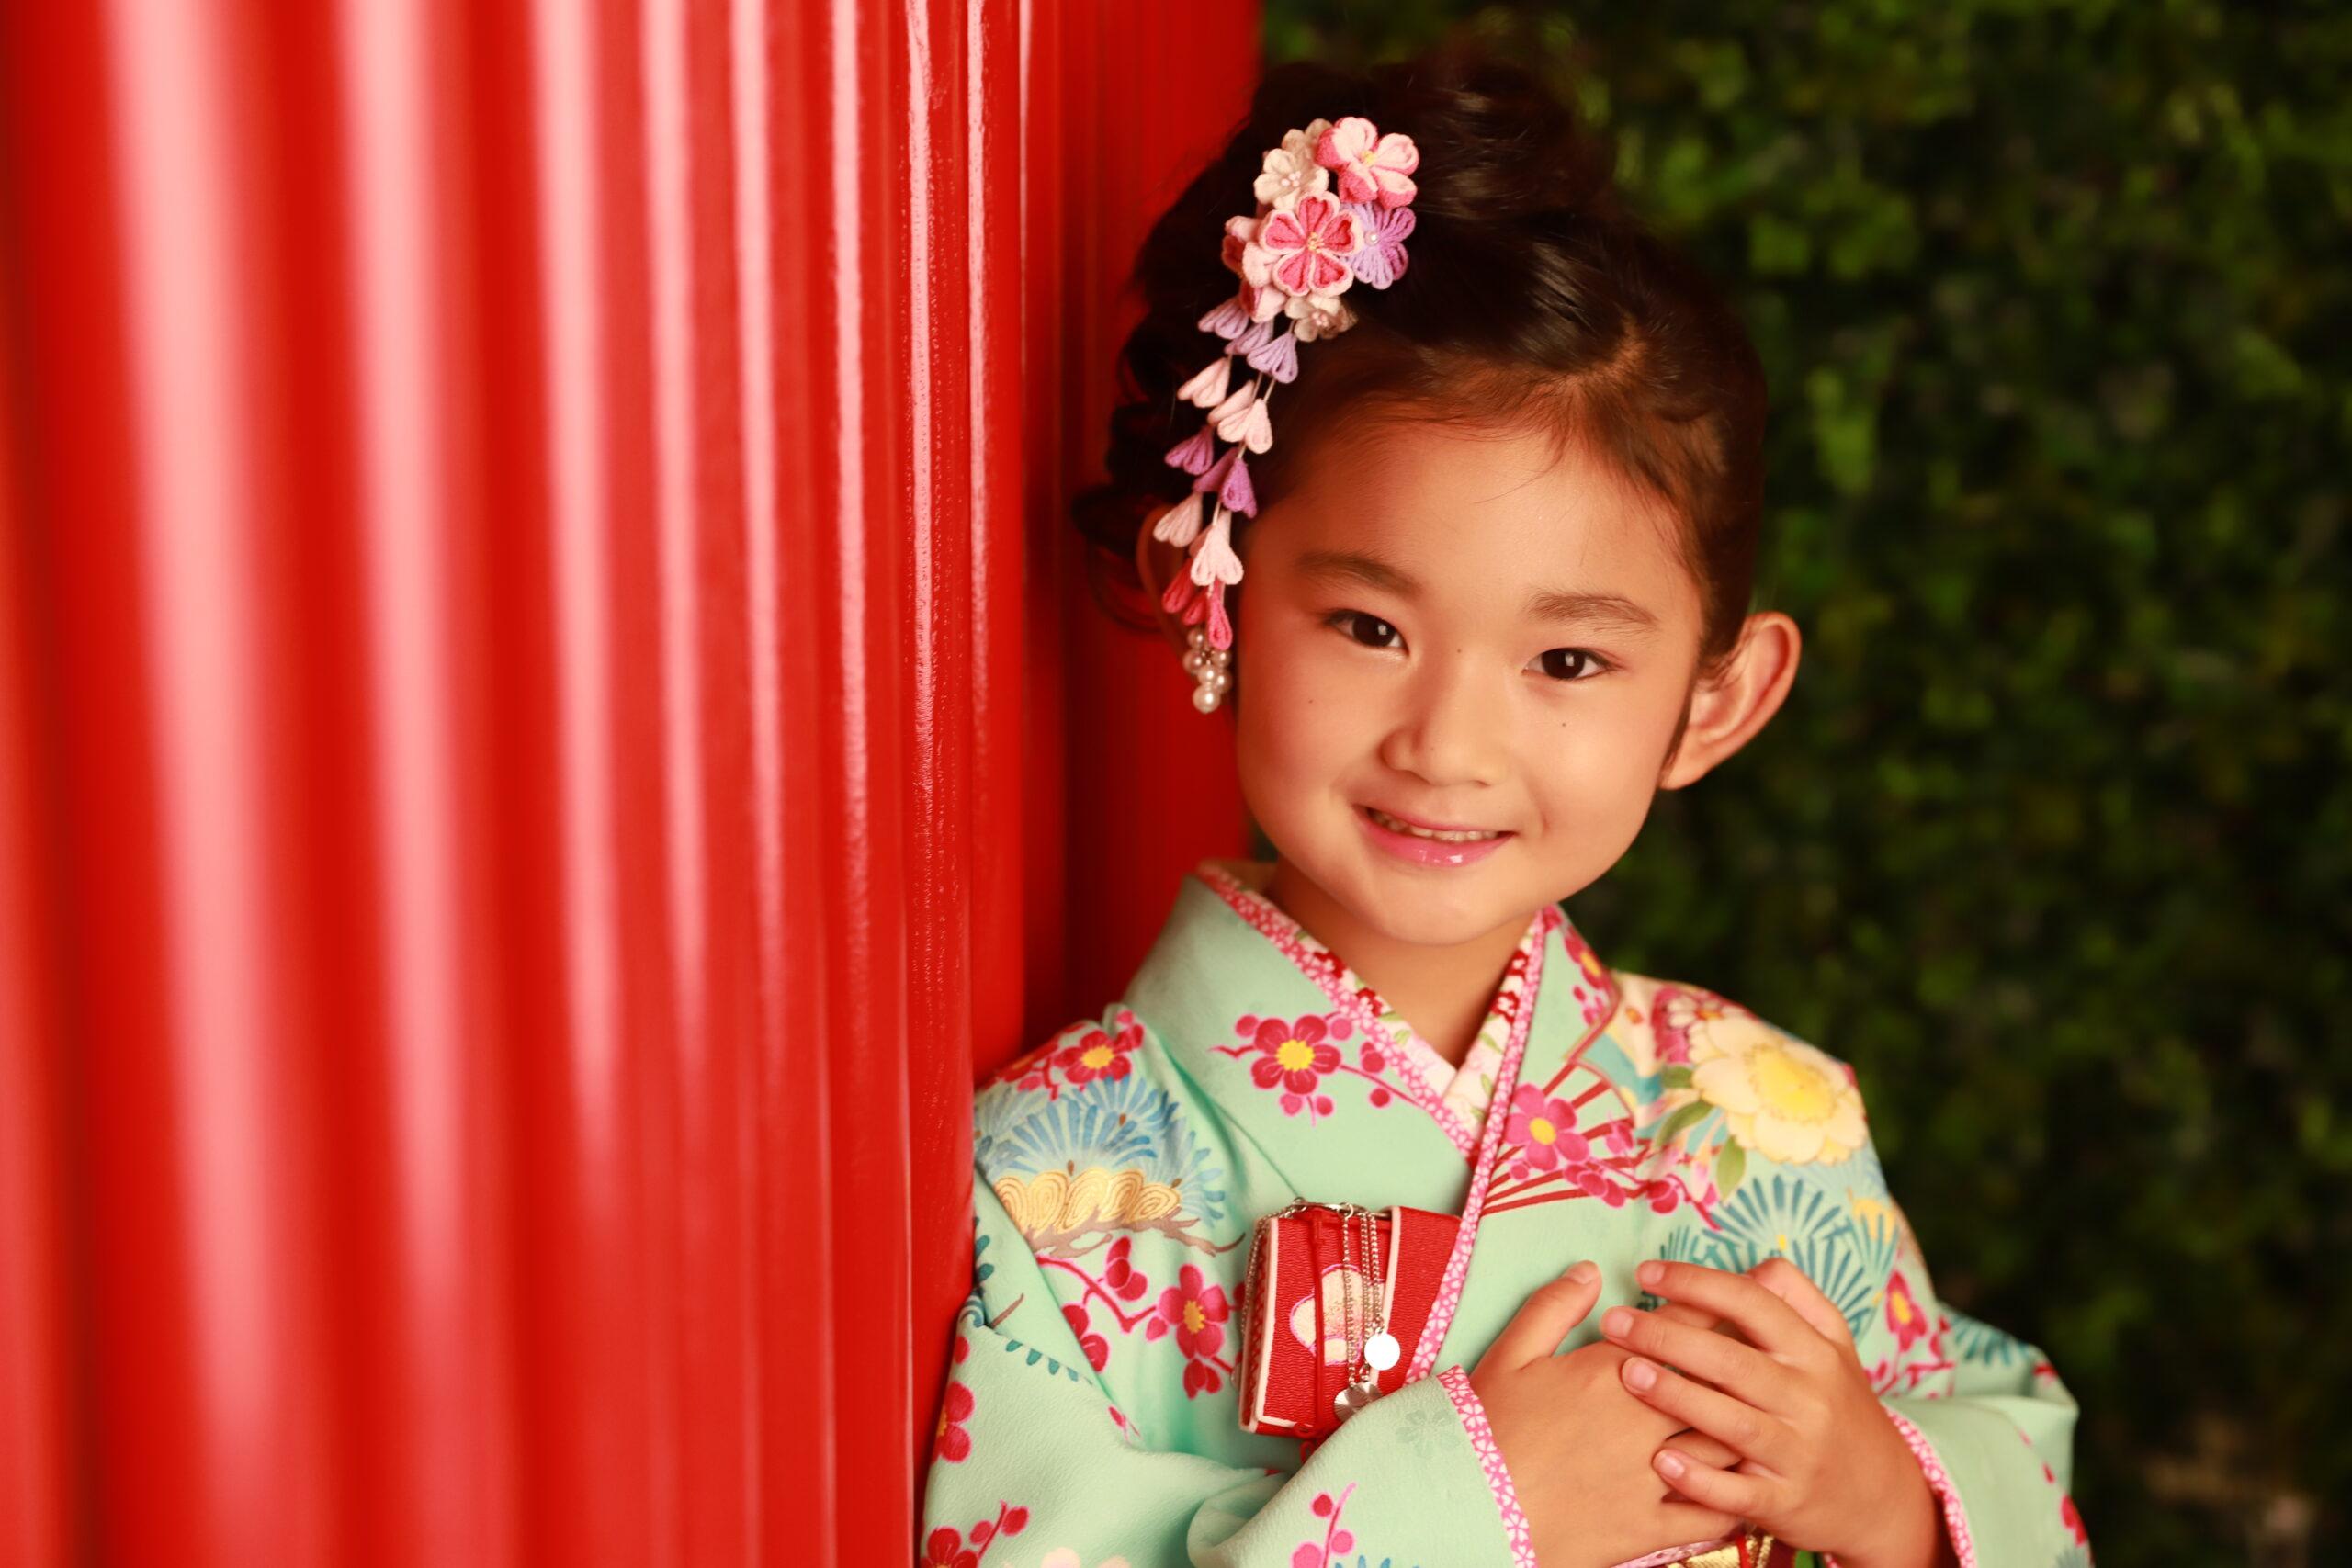 七五三 7歳の着物 京都のようなスタジオで